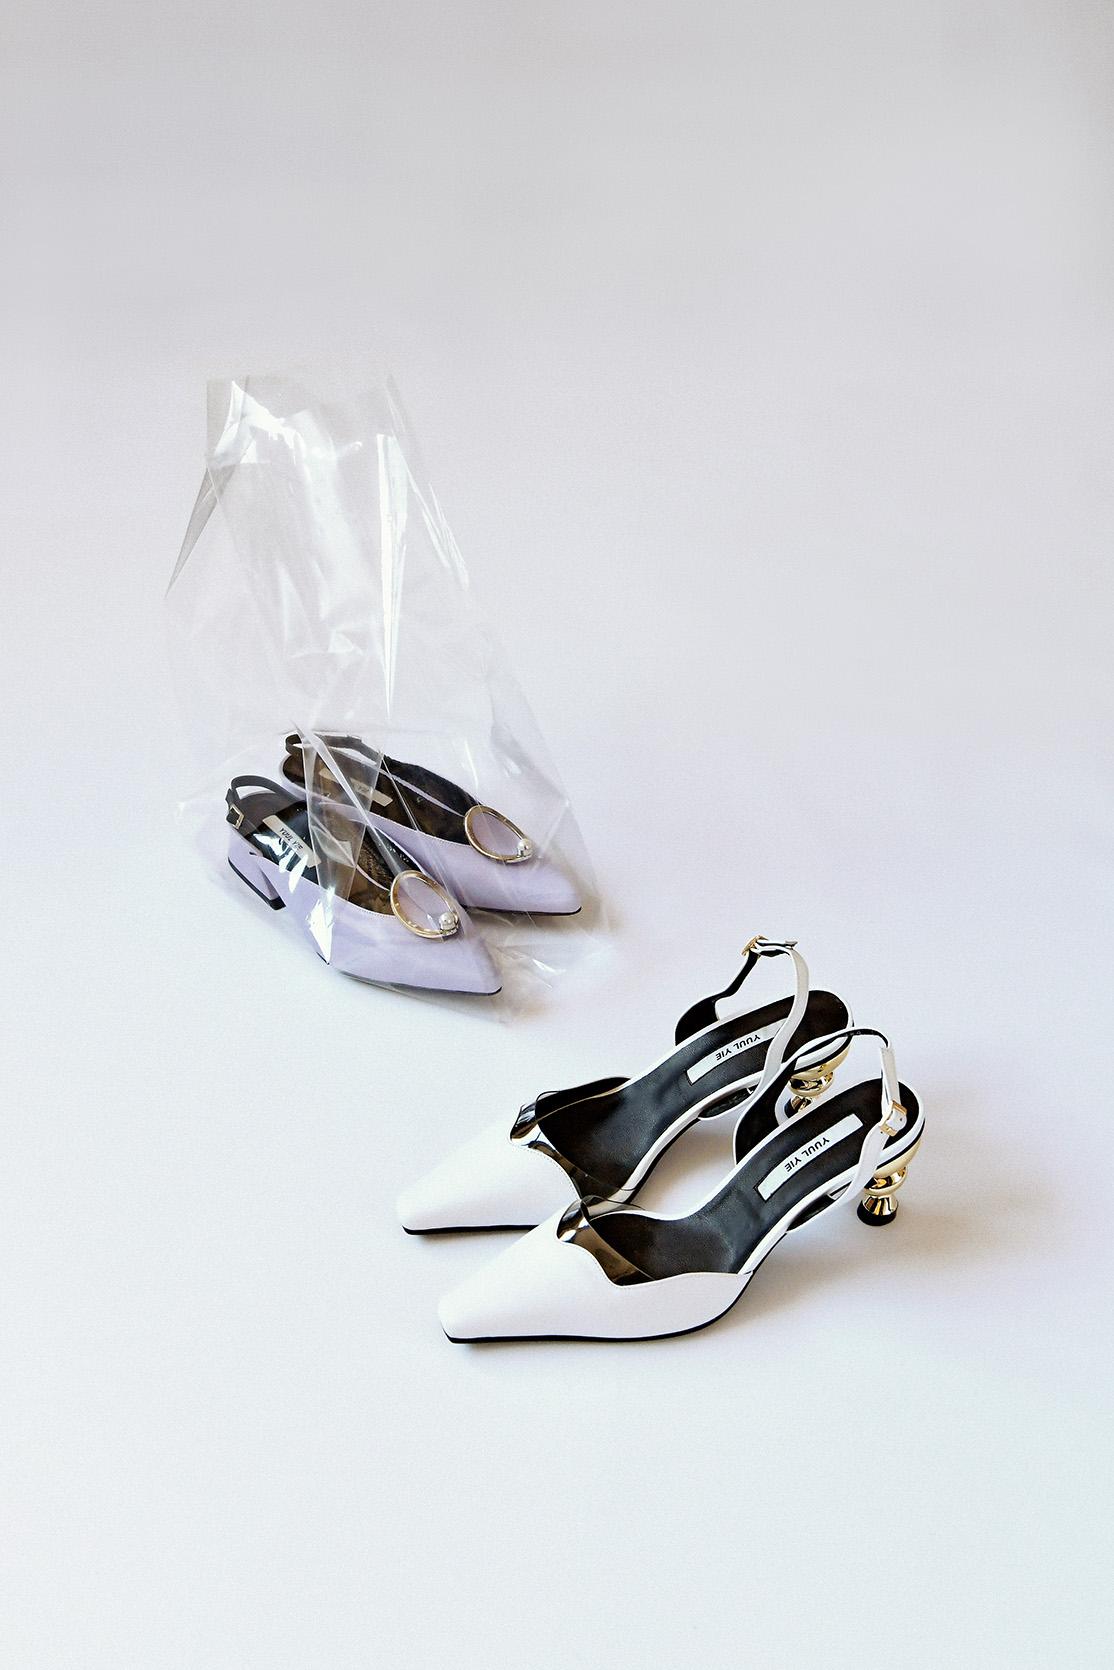 前/ YUUL YIE 造型金跟鞋  , 後/ YUUL YIE 粉紫金扣低跟鞋